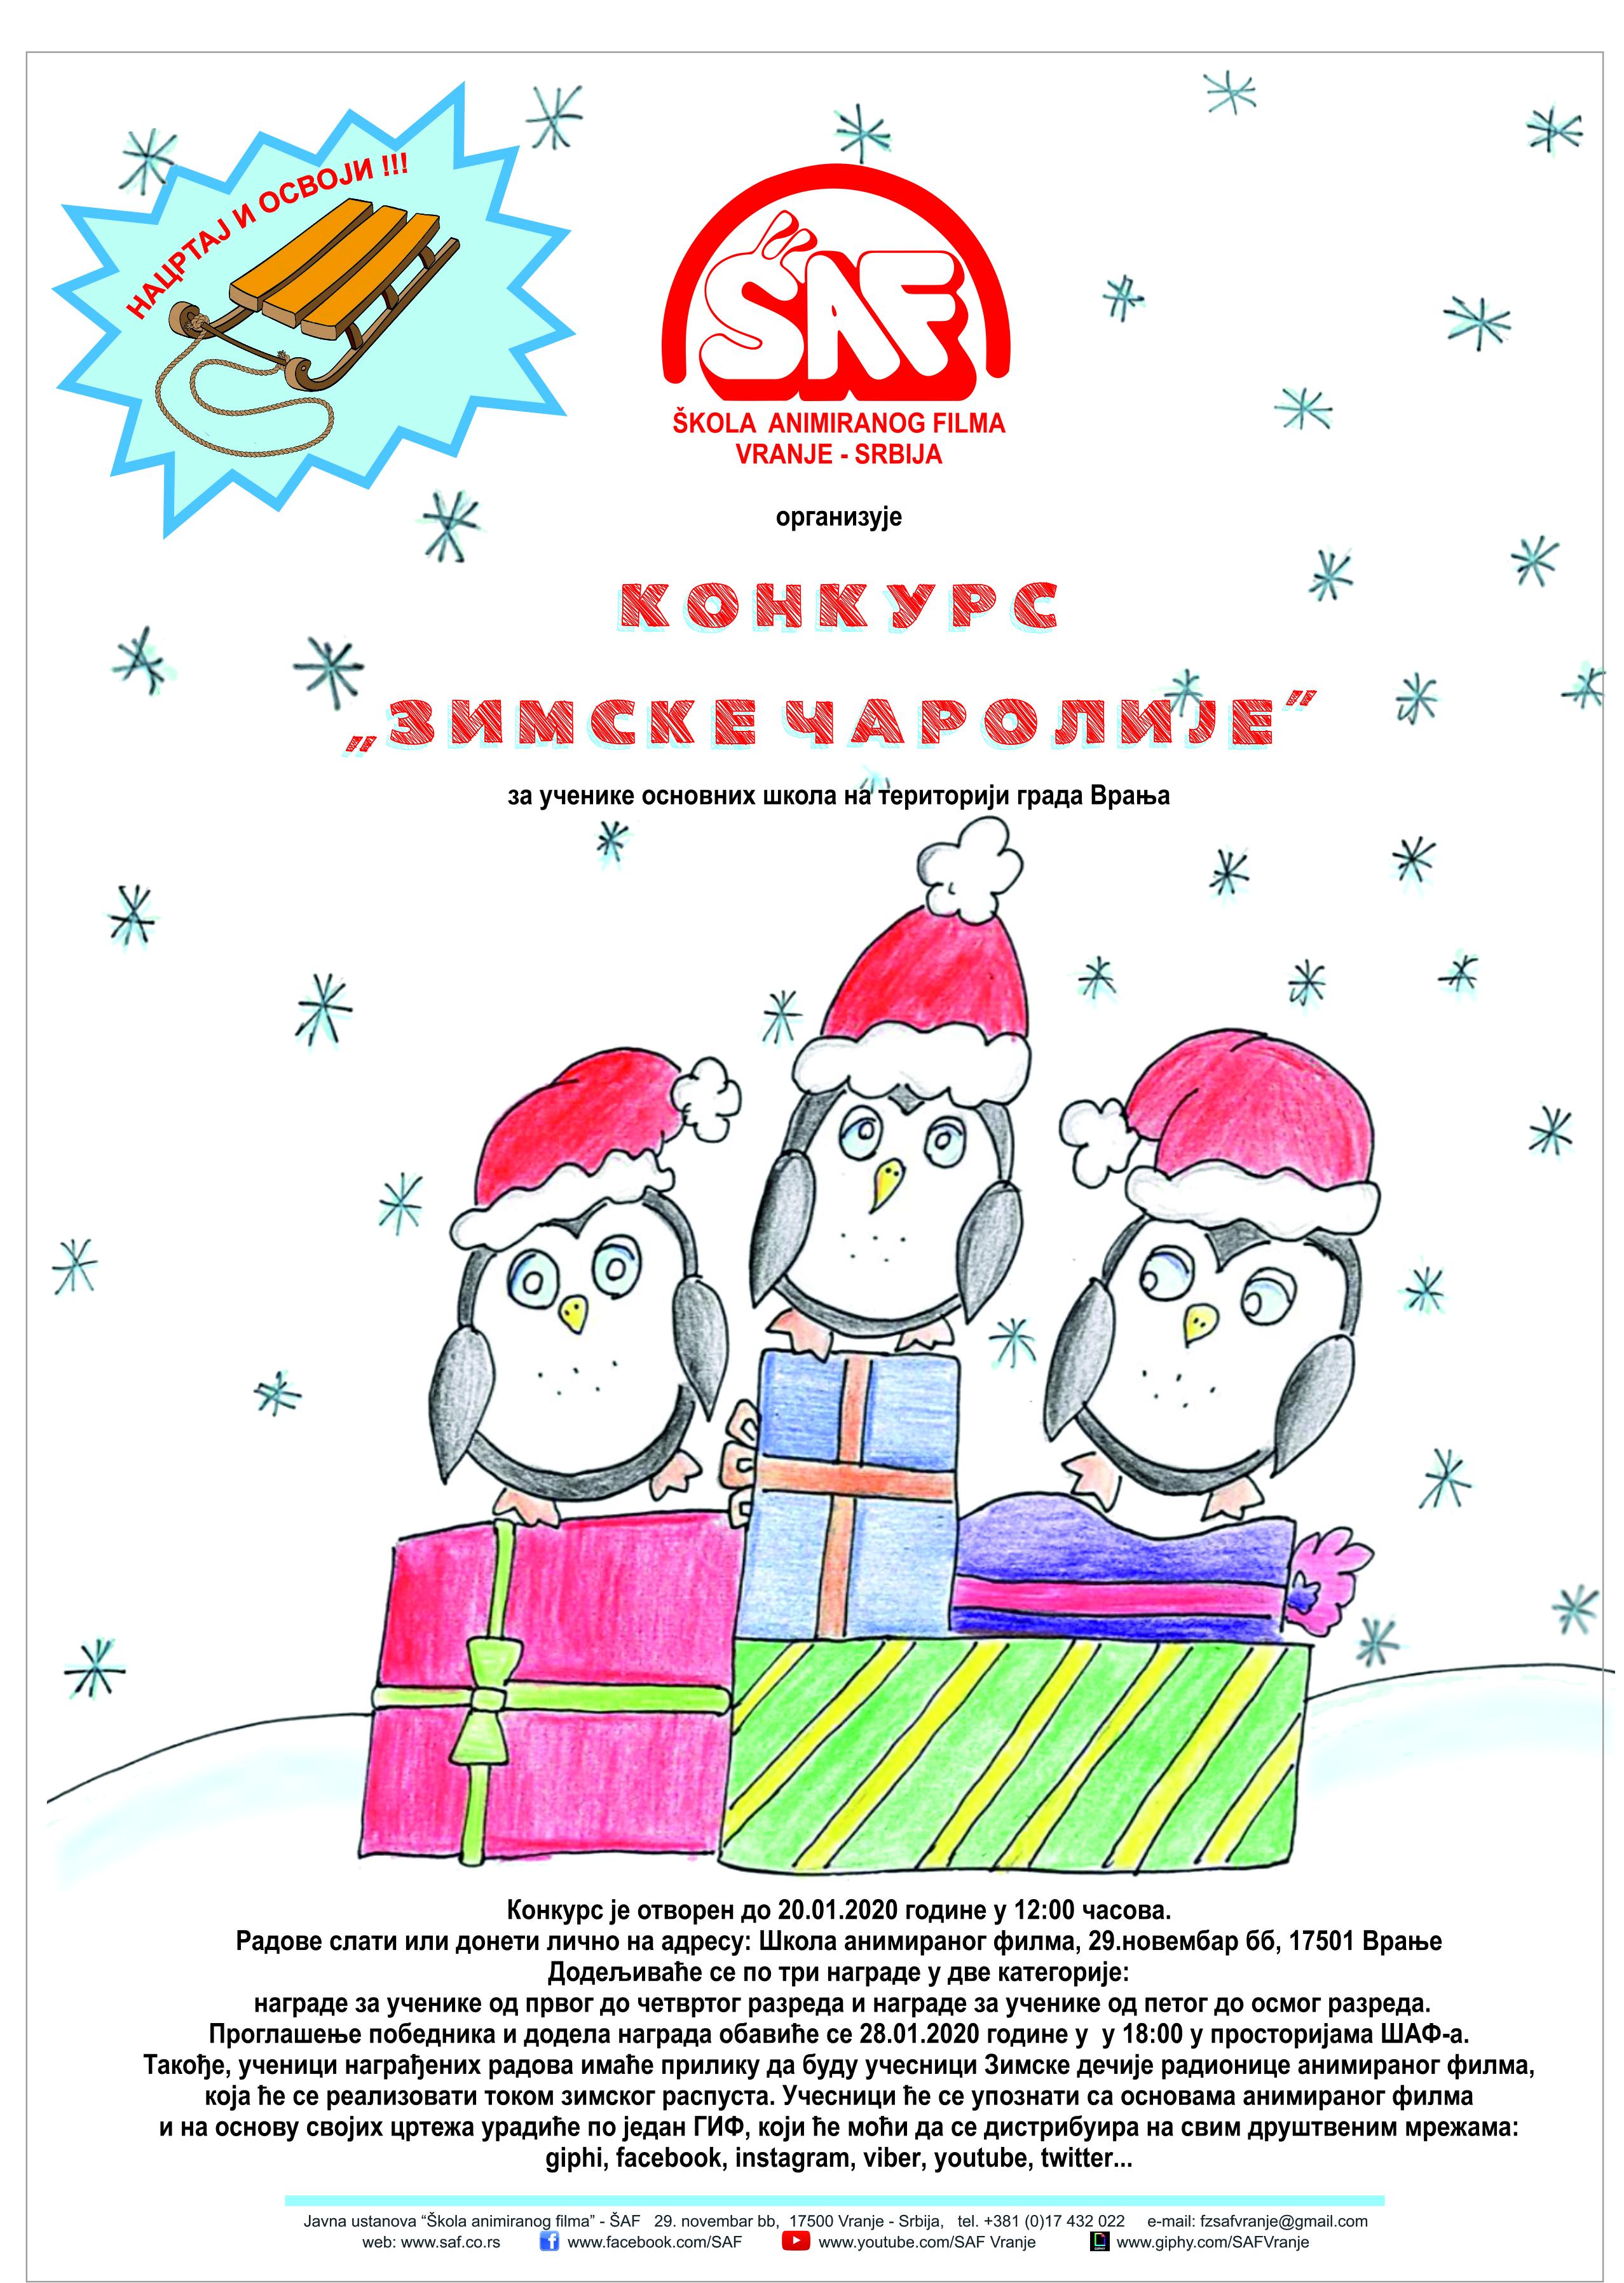 1-Plakat-Zimske-carolije